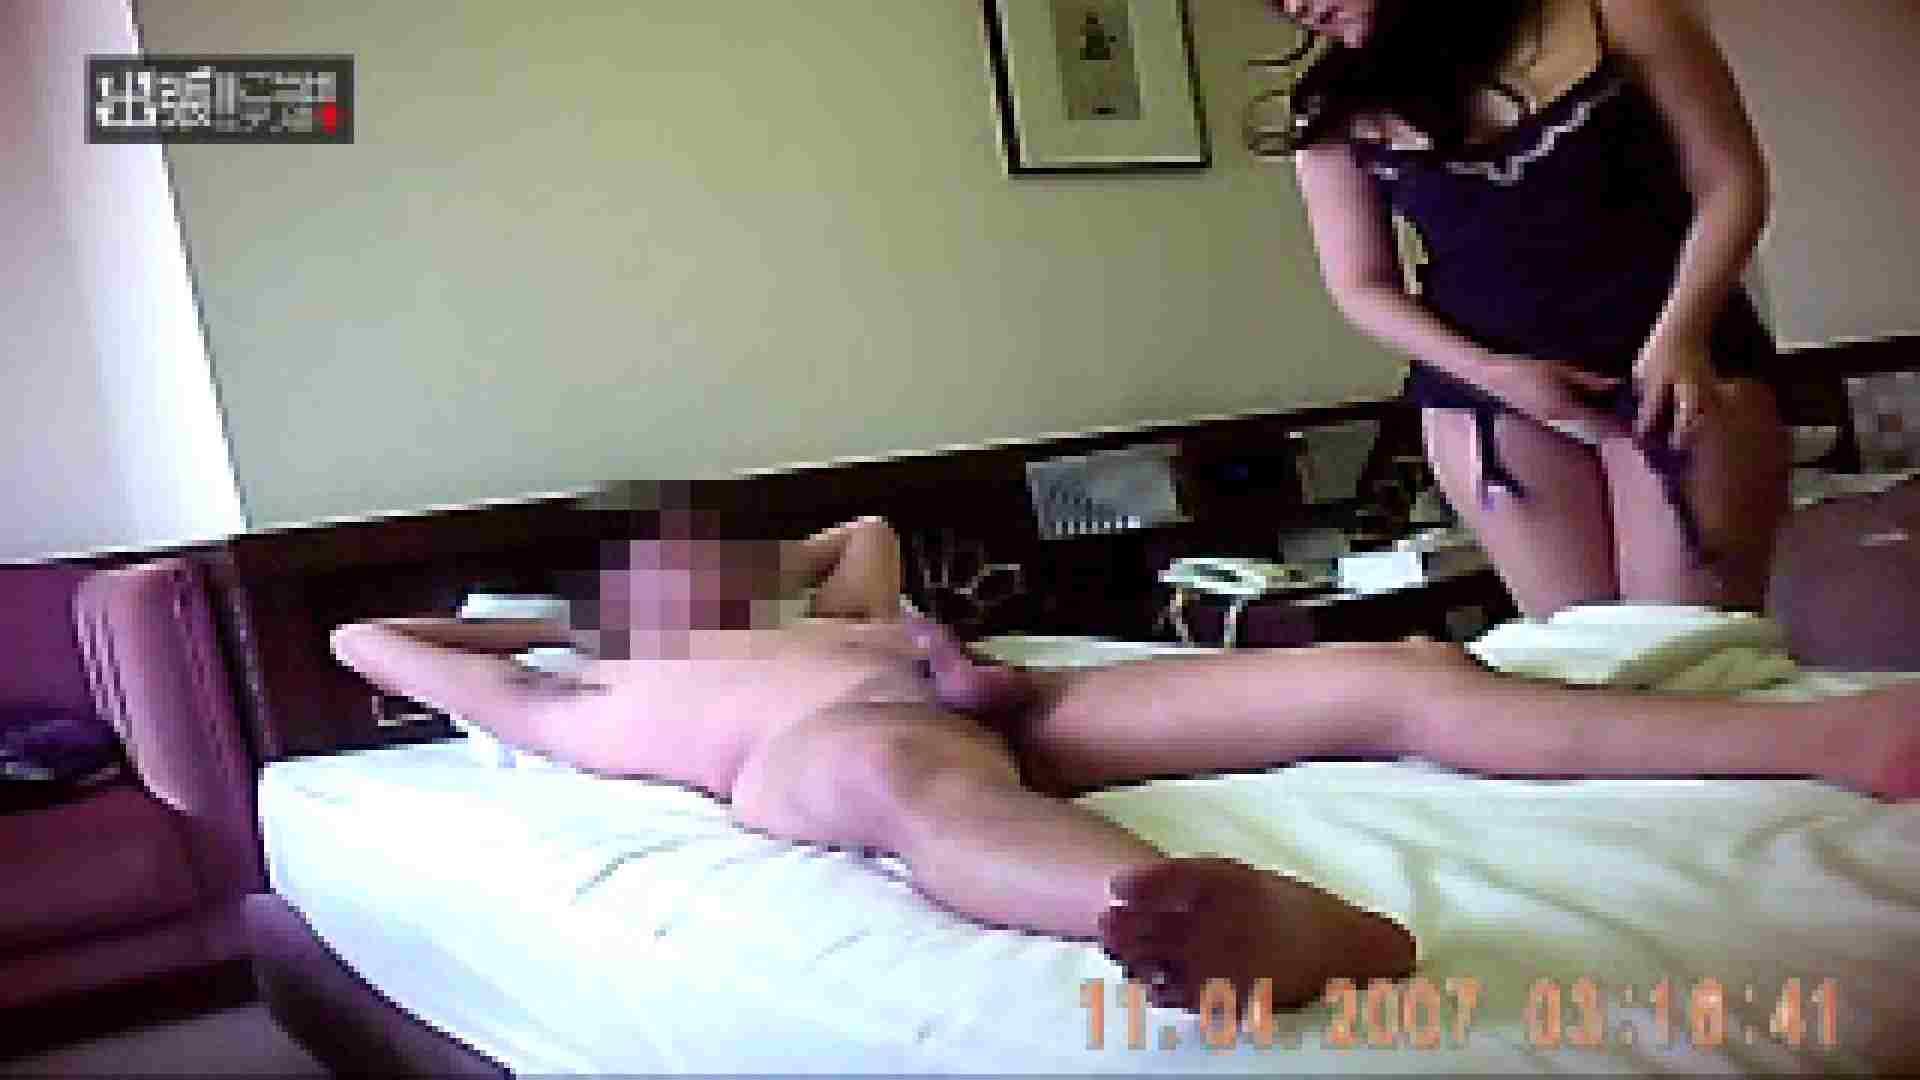 出張リーマンのデリ嬢隠し撮り第2弾 セックス ワレメ動画紹介 104PIX 101